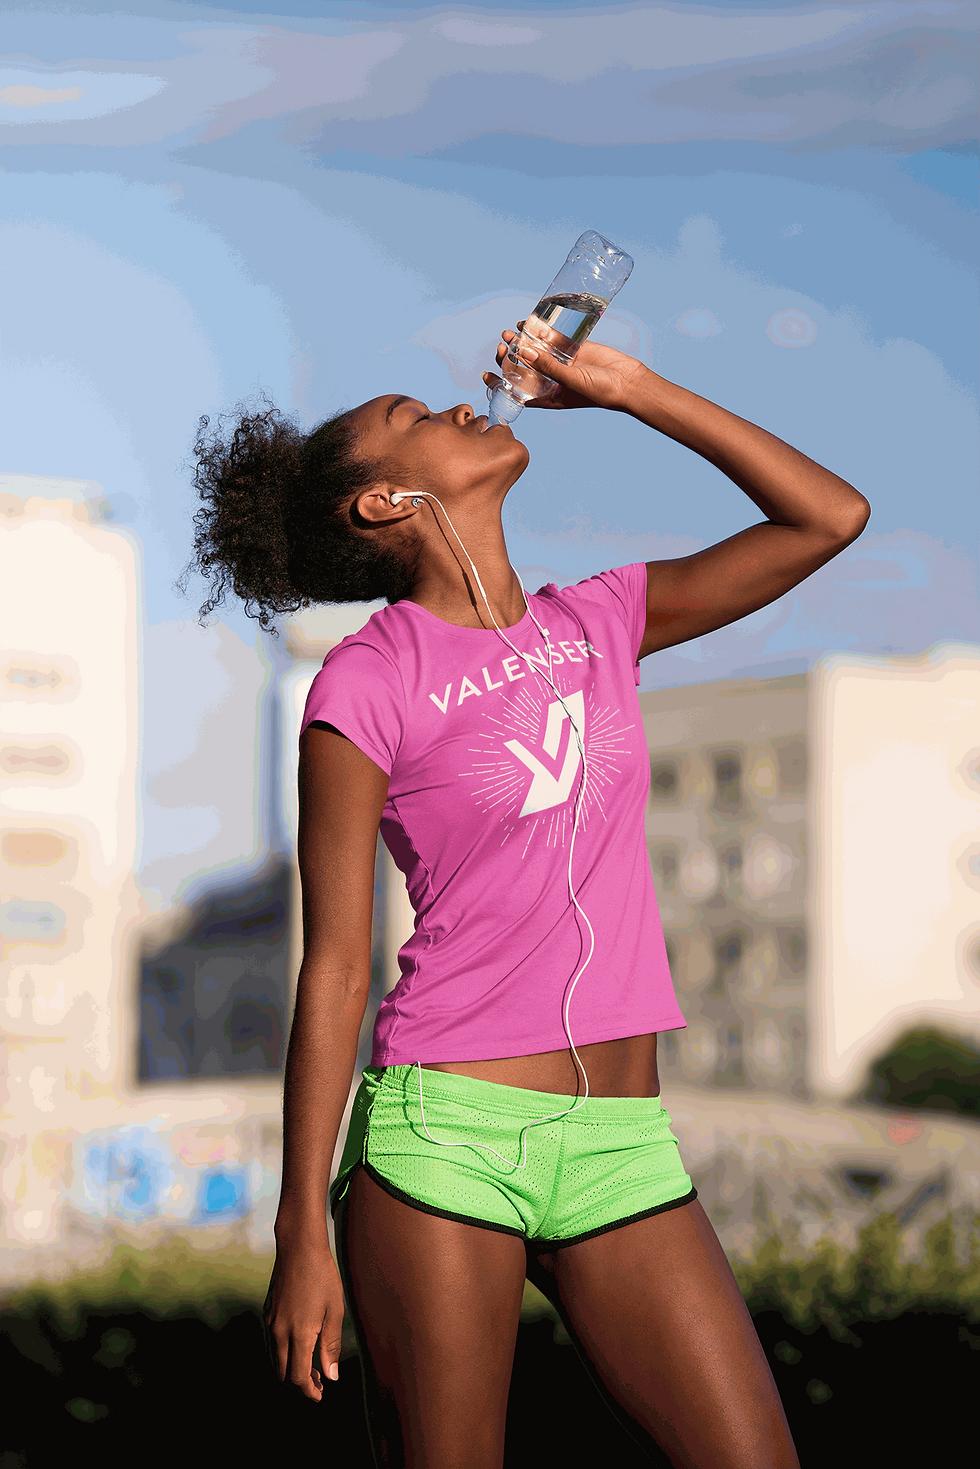 women drinking water in valenser bust shrt